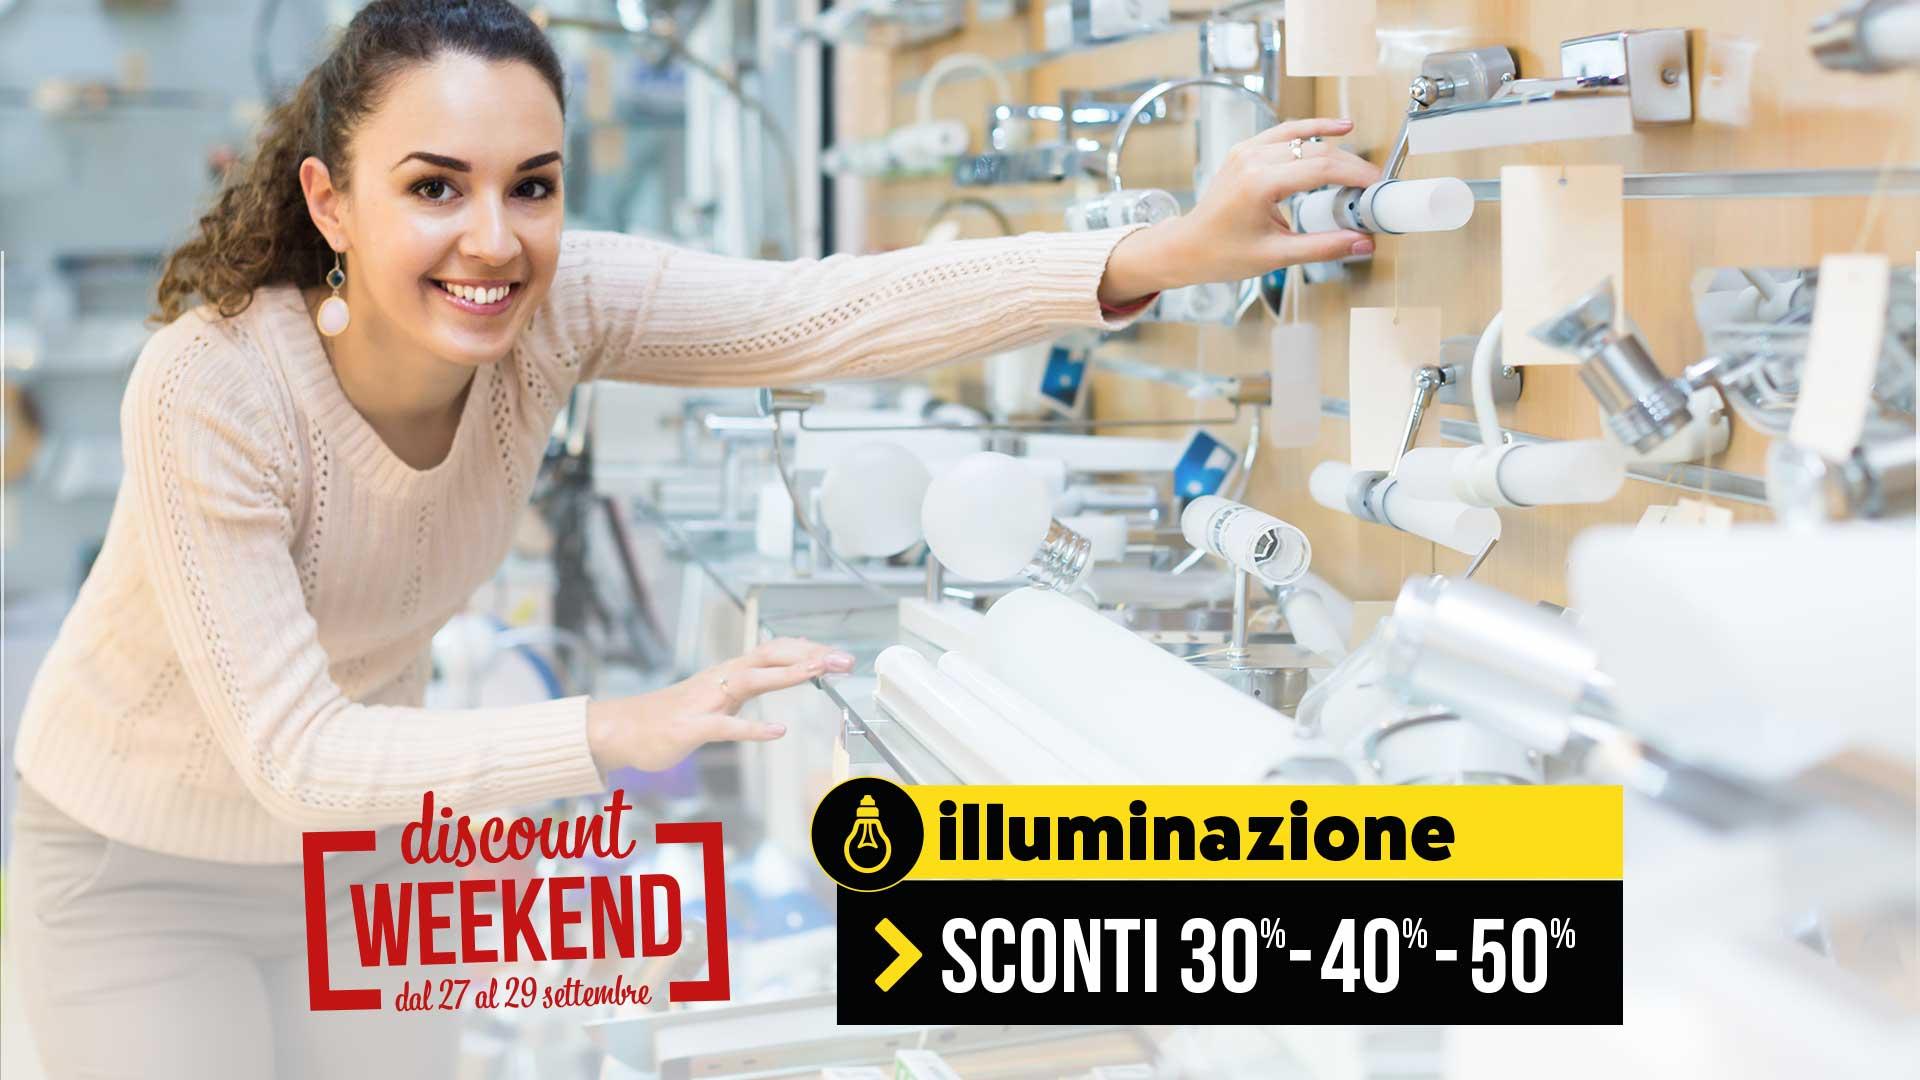 Sconti reparto illuminazione discount weekend